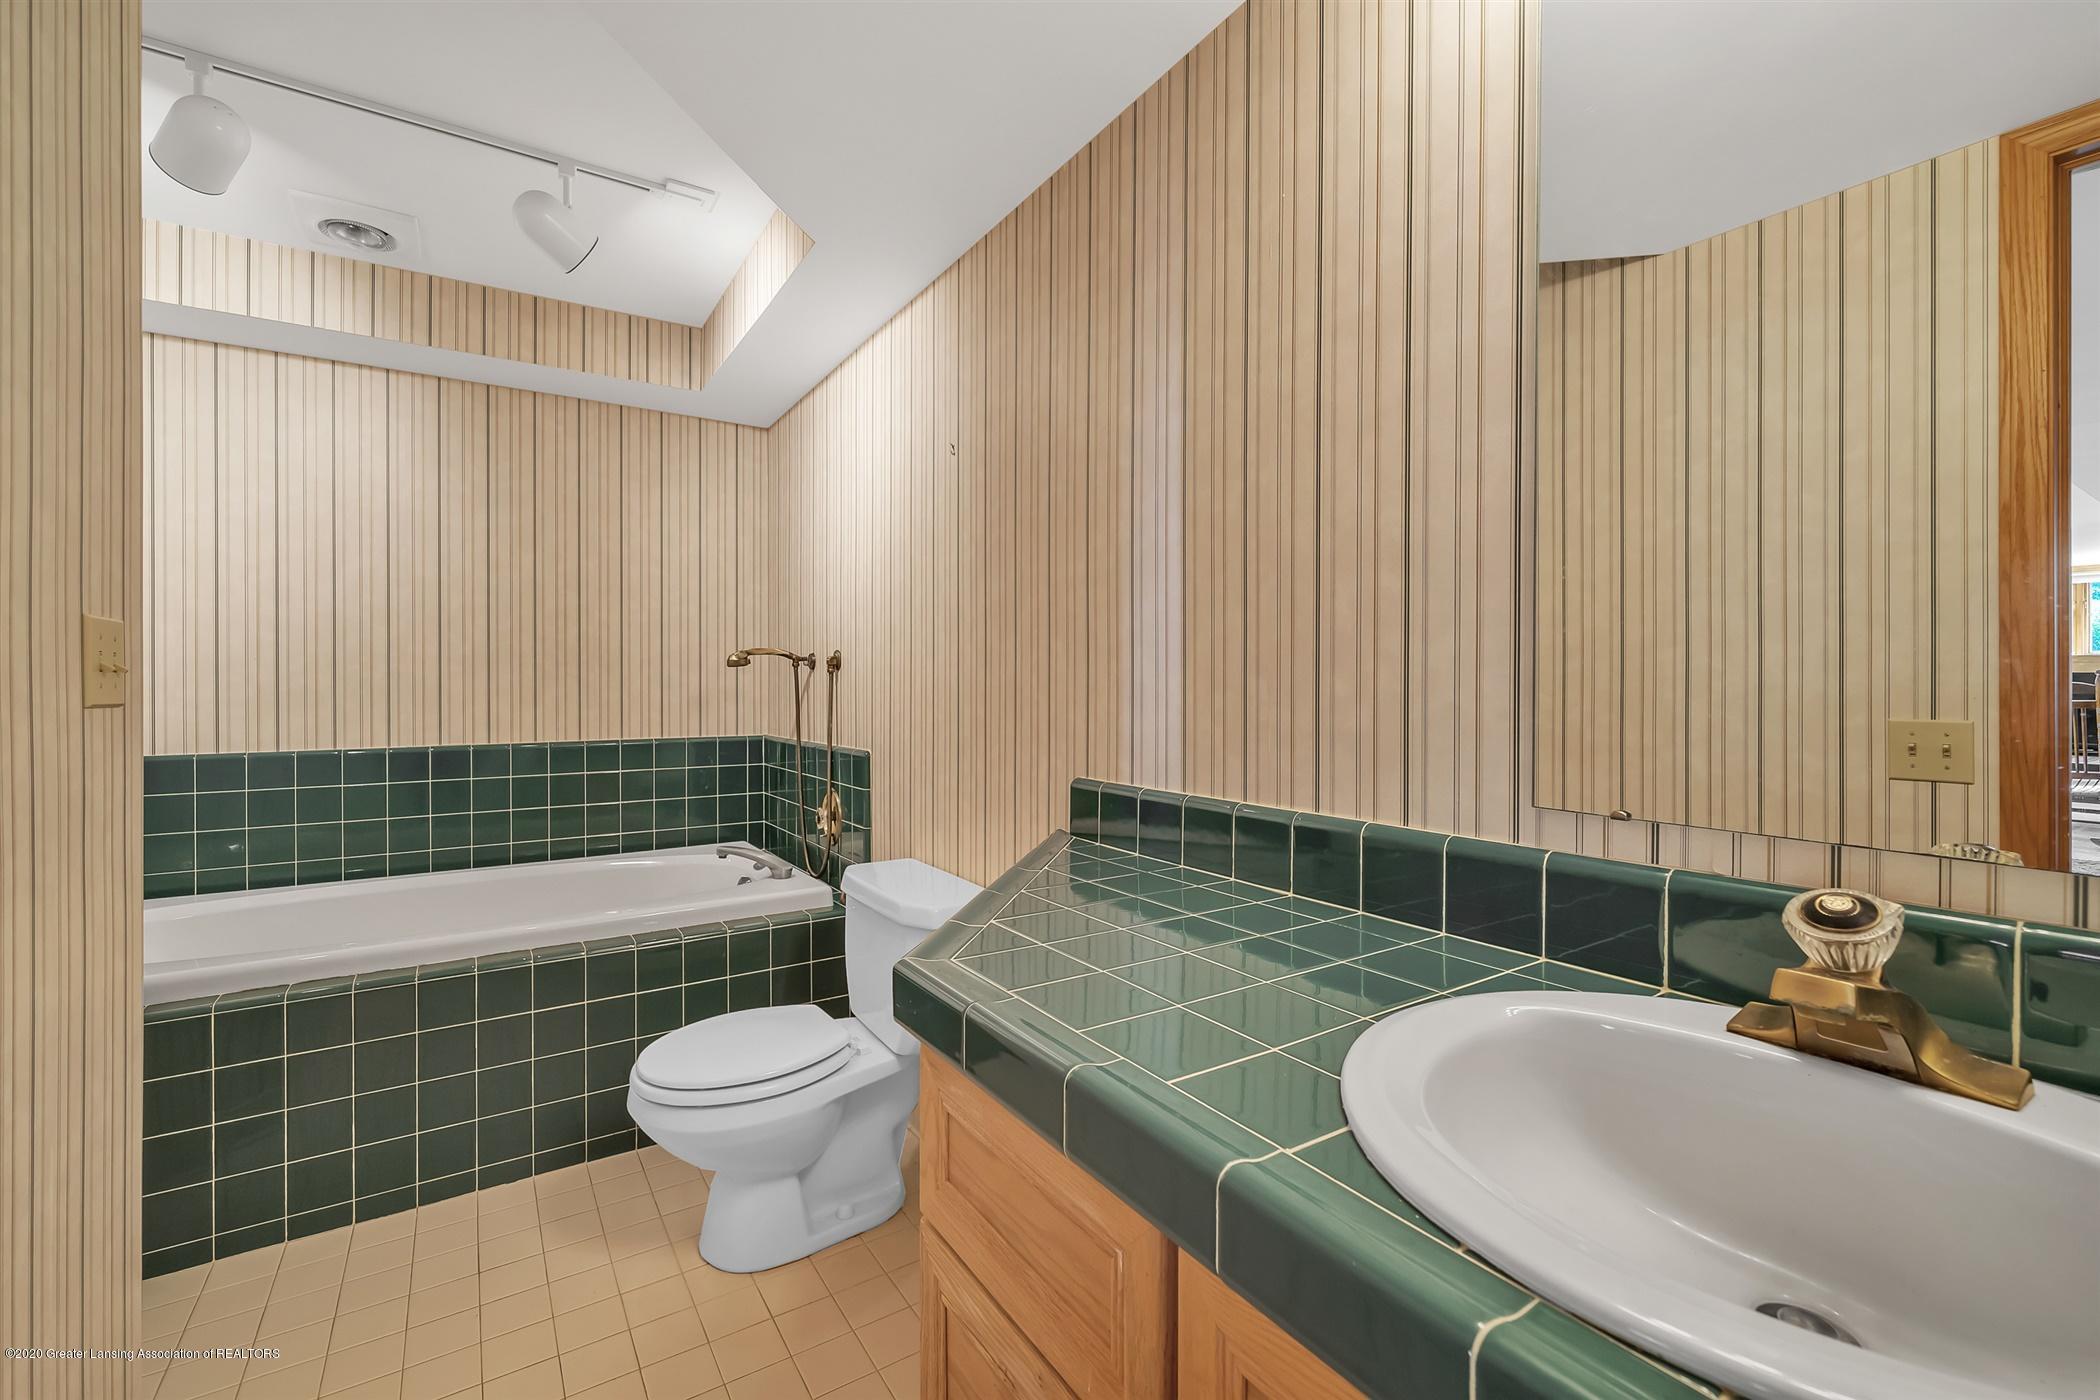 2275 Bravender Rd - LOWER LEVEL Full Bathroom - 35